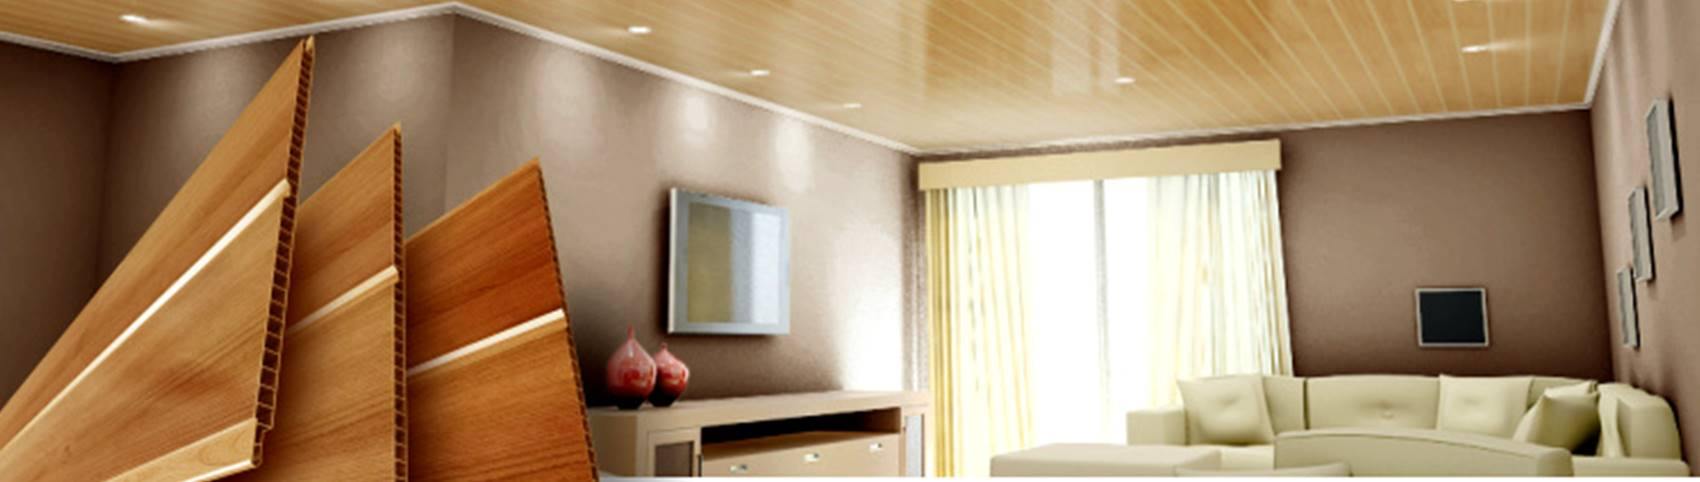 Parede de drywall em Santana de parnaíba, distribuidora e venda de forros de drywall, placas drywall, painel drywall, moldura, gesso em pó, gesso, PVC, Divisória de eucatex, divisória naval, placas 3D, gesso 3D, Fibra mineral, plaquinha de gesso, palete painel drywall, isopor, placa de isopor, forro de isopor, forro de pvc, Parede de drywall em Santana de parnaíba